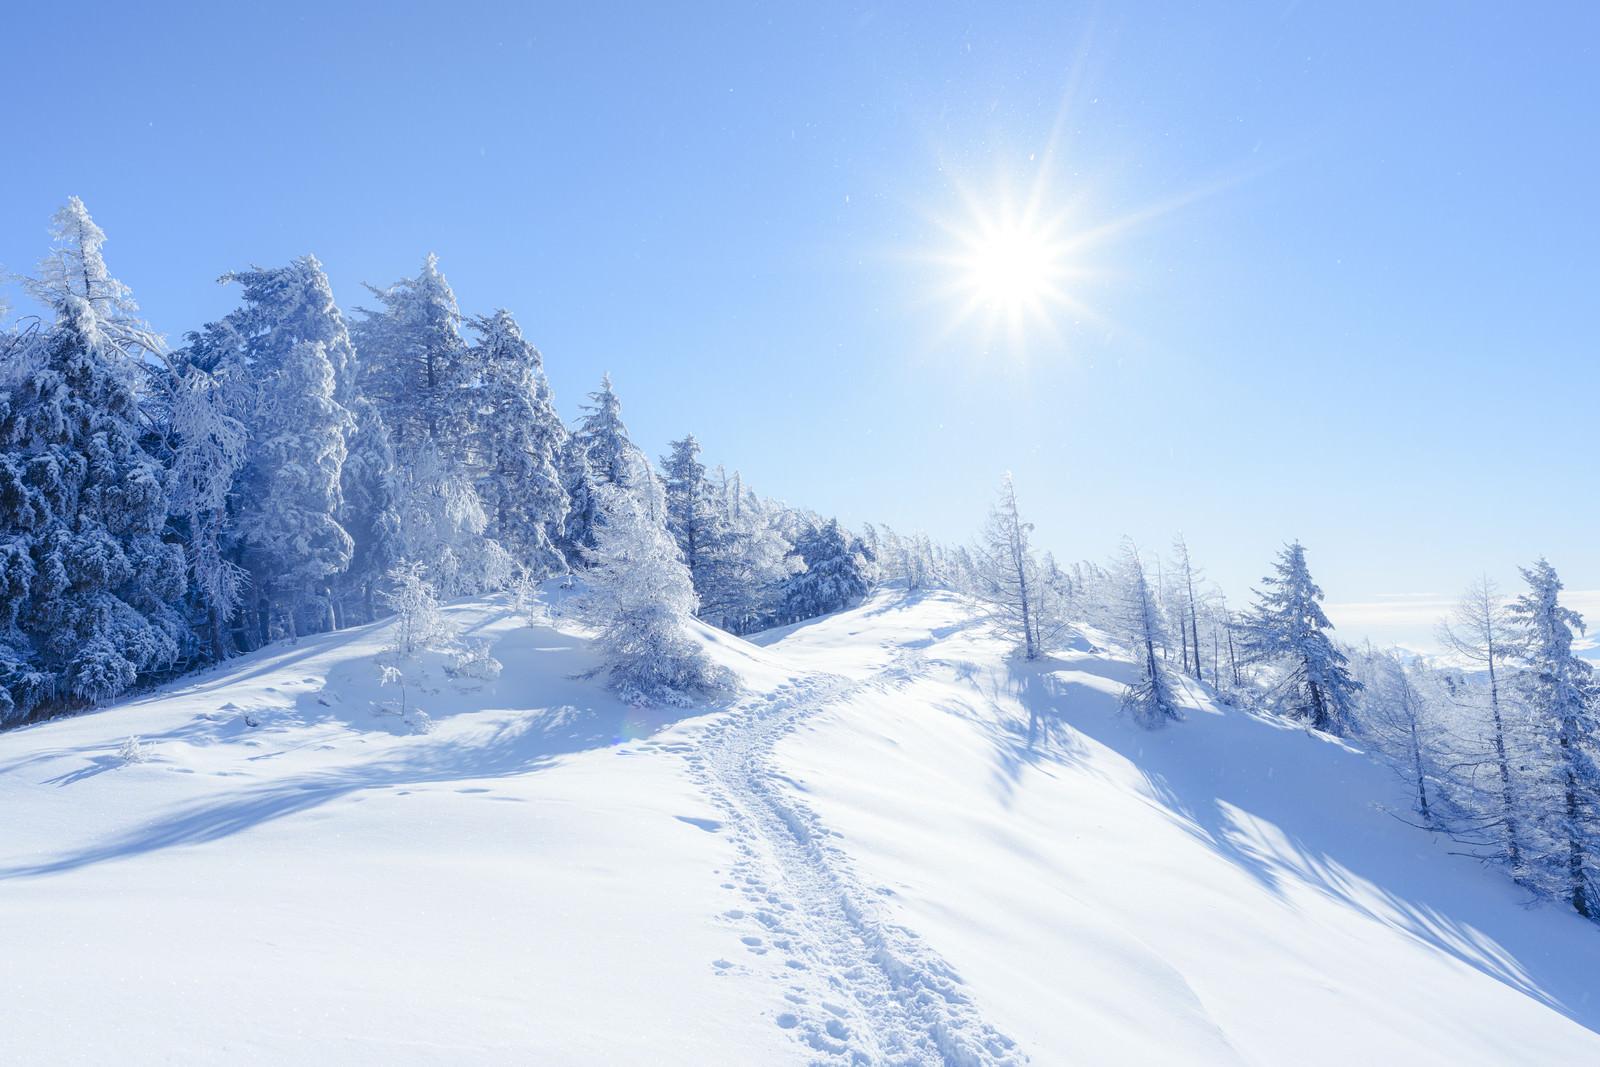 「雪に包まれた雲取山登山道」の写真